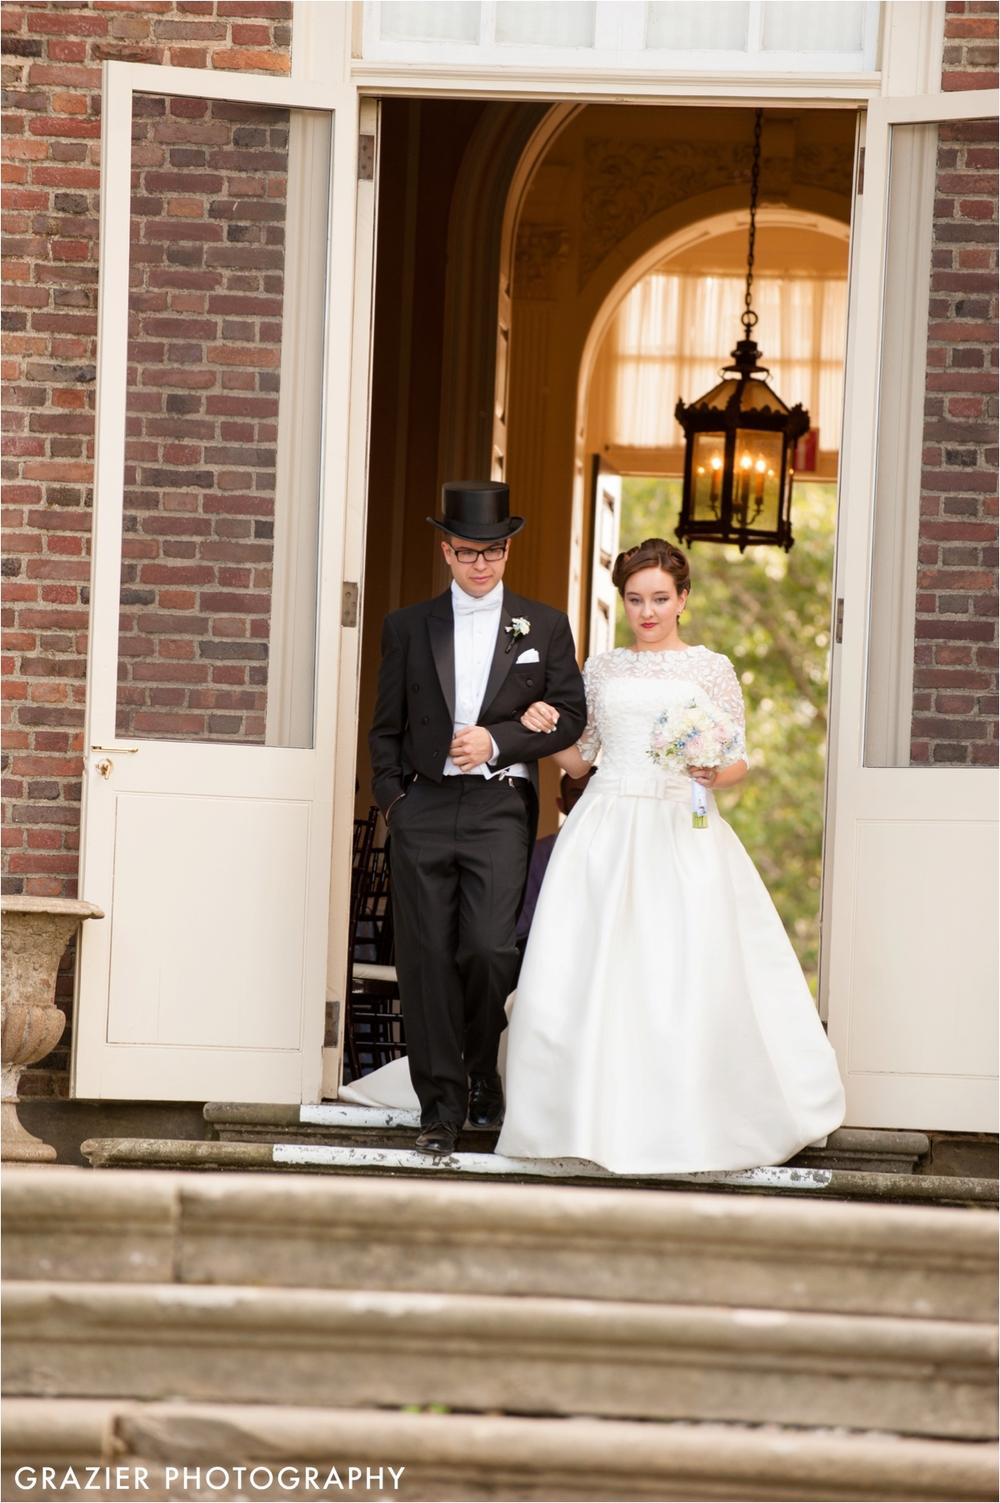 Crane-Estate-Wedding-Grazier-Photography_0010.jpg